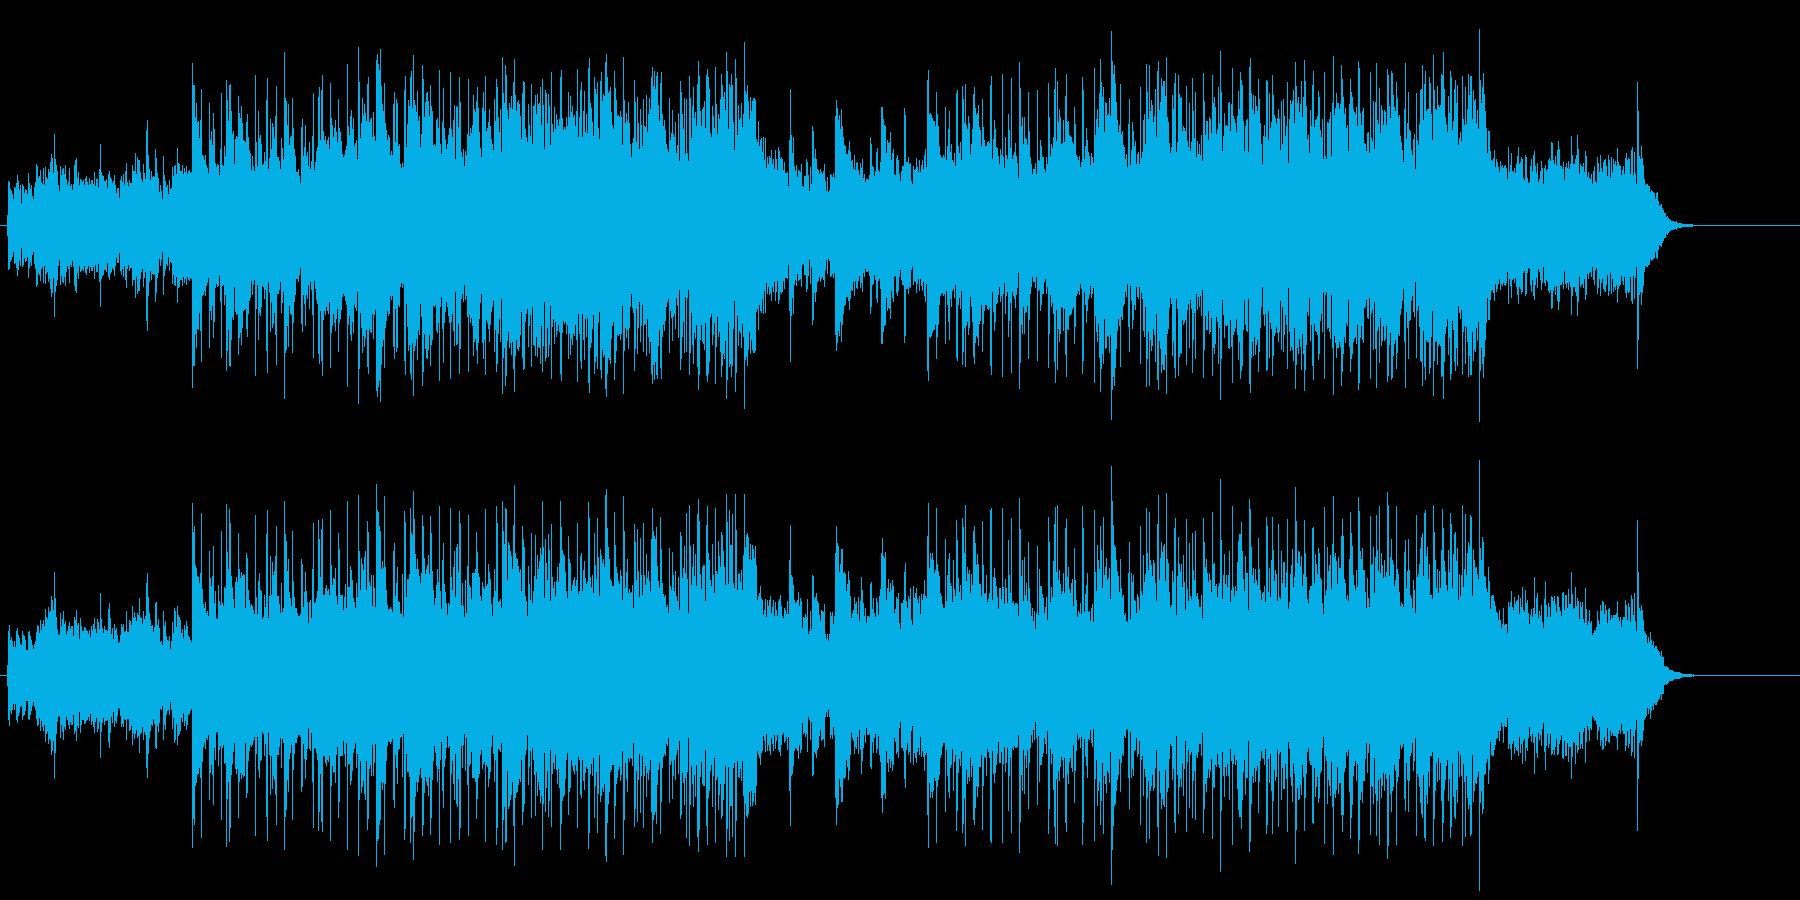 流れるピアノのライトタッチのフュージョンの再生済みの波形